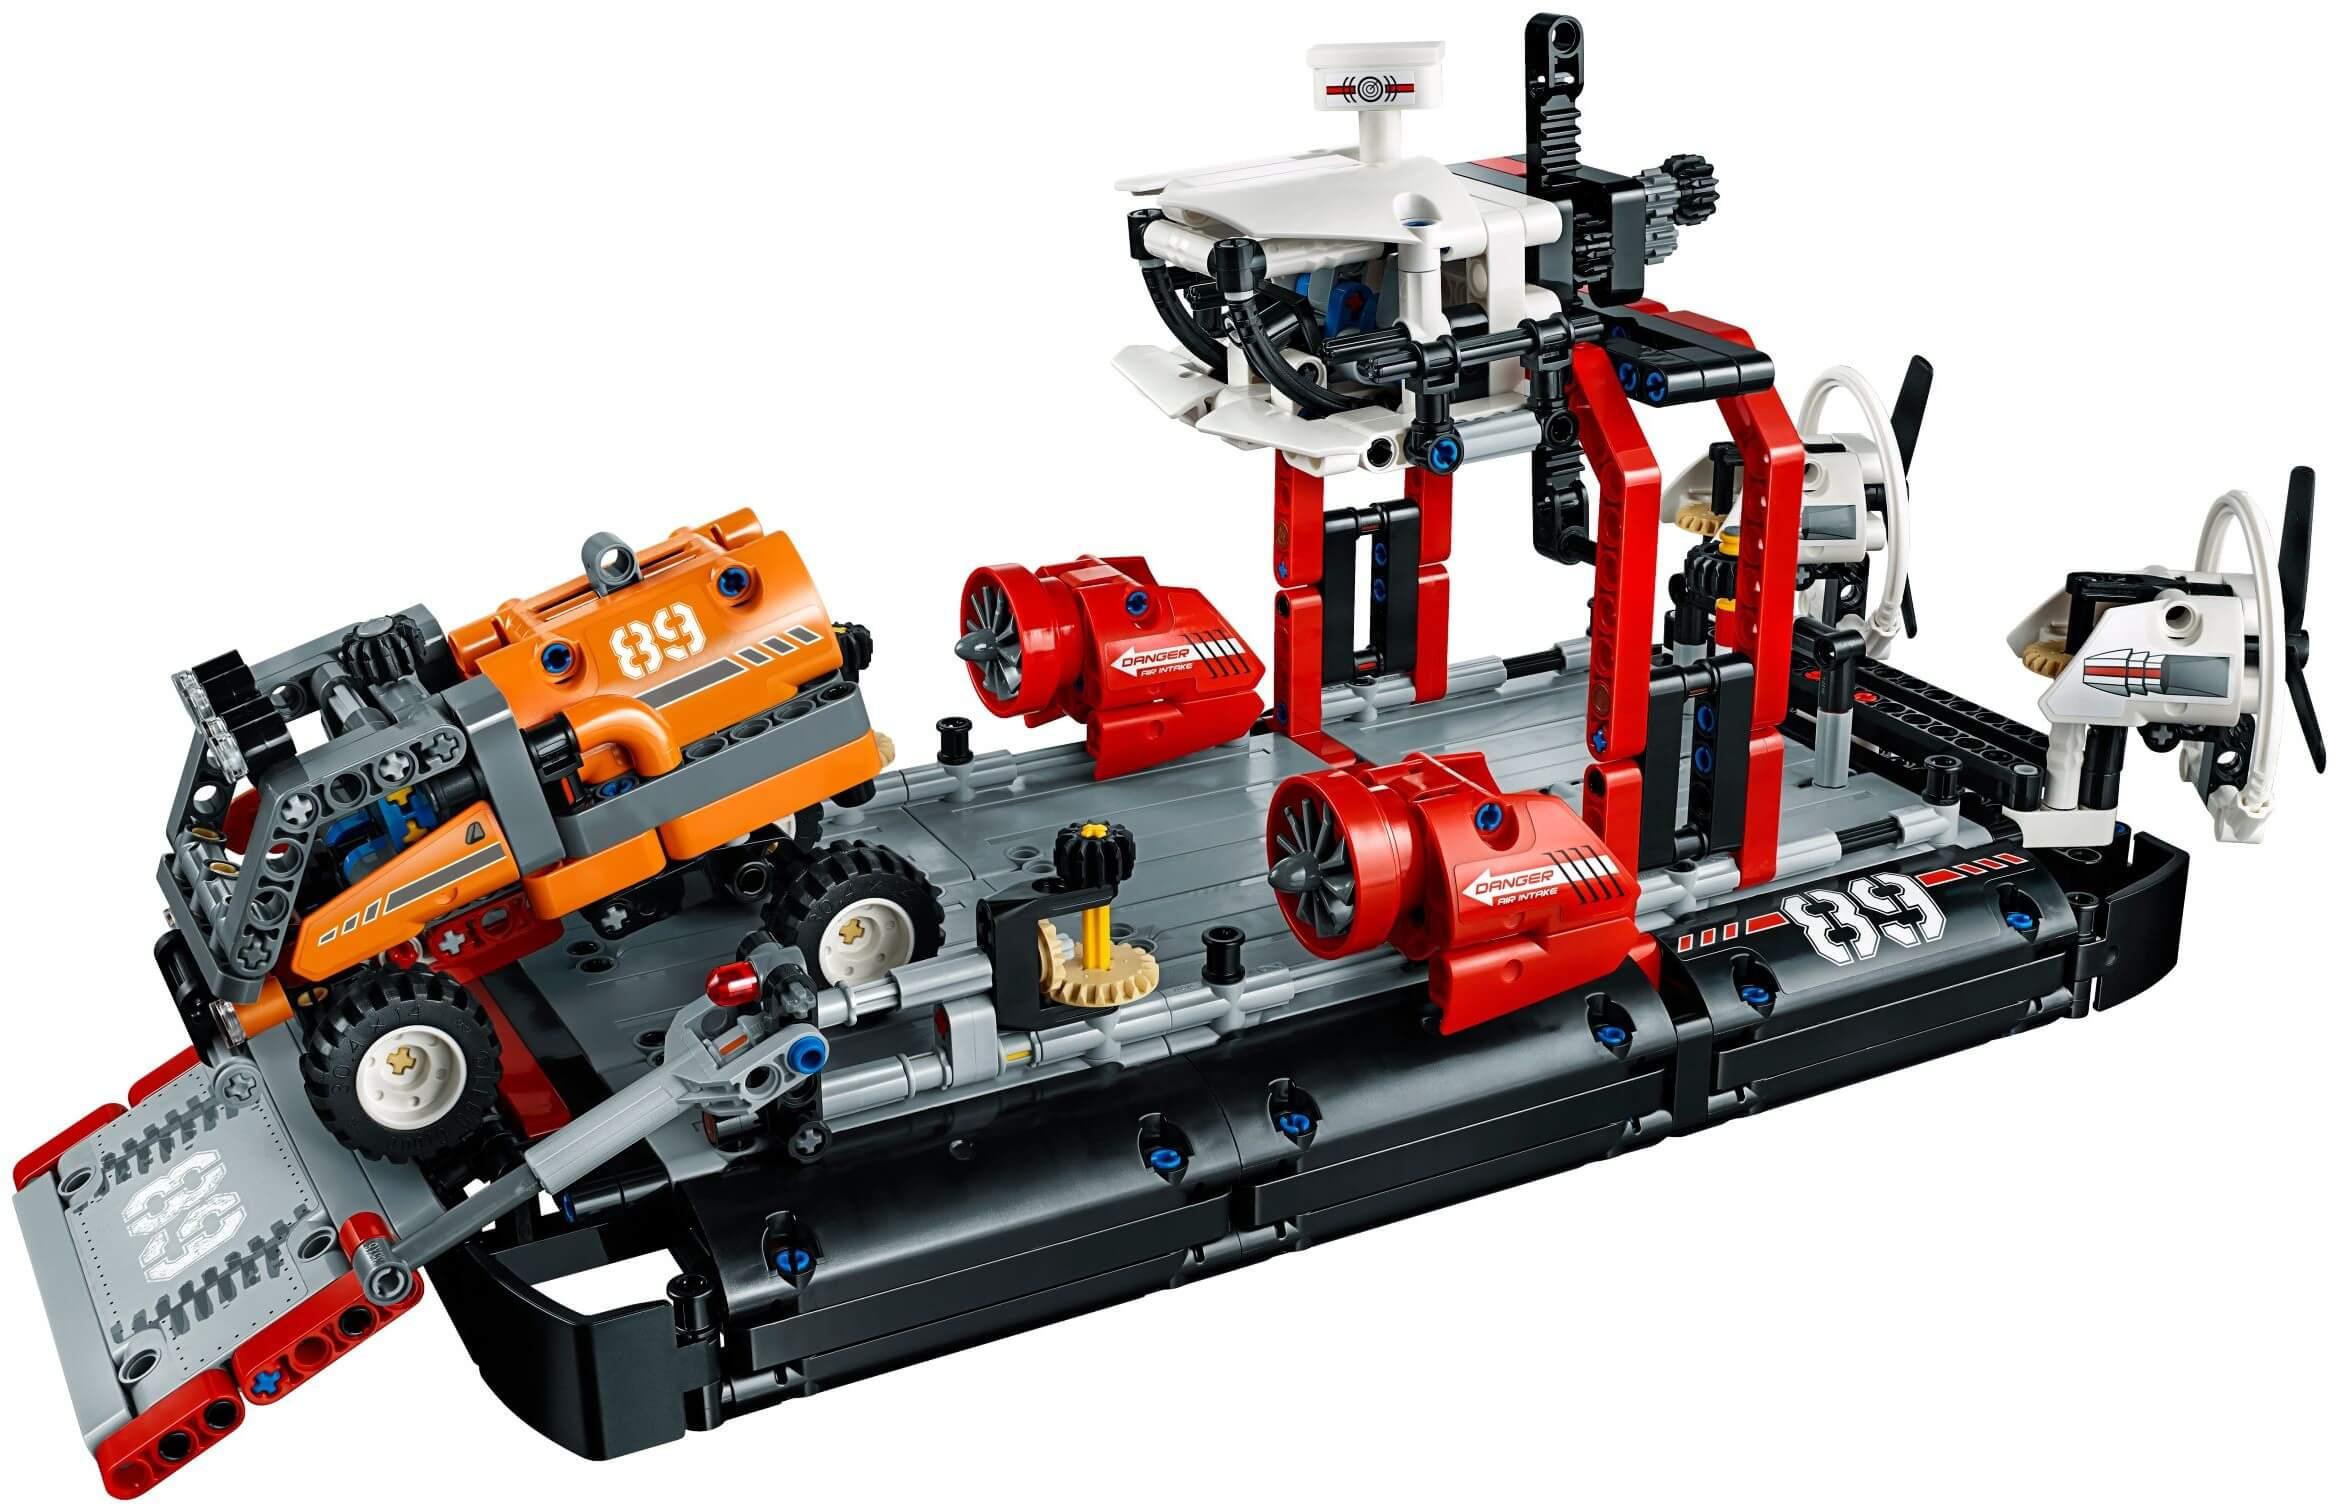 Mua đồ chơi LEGO 42076 - LEGO Technic 42076 - Tàu Đệm Khí (LEGO Technic 42076 Hovercraft)